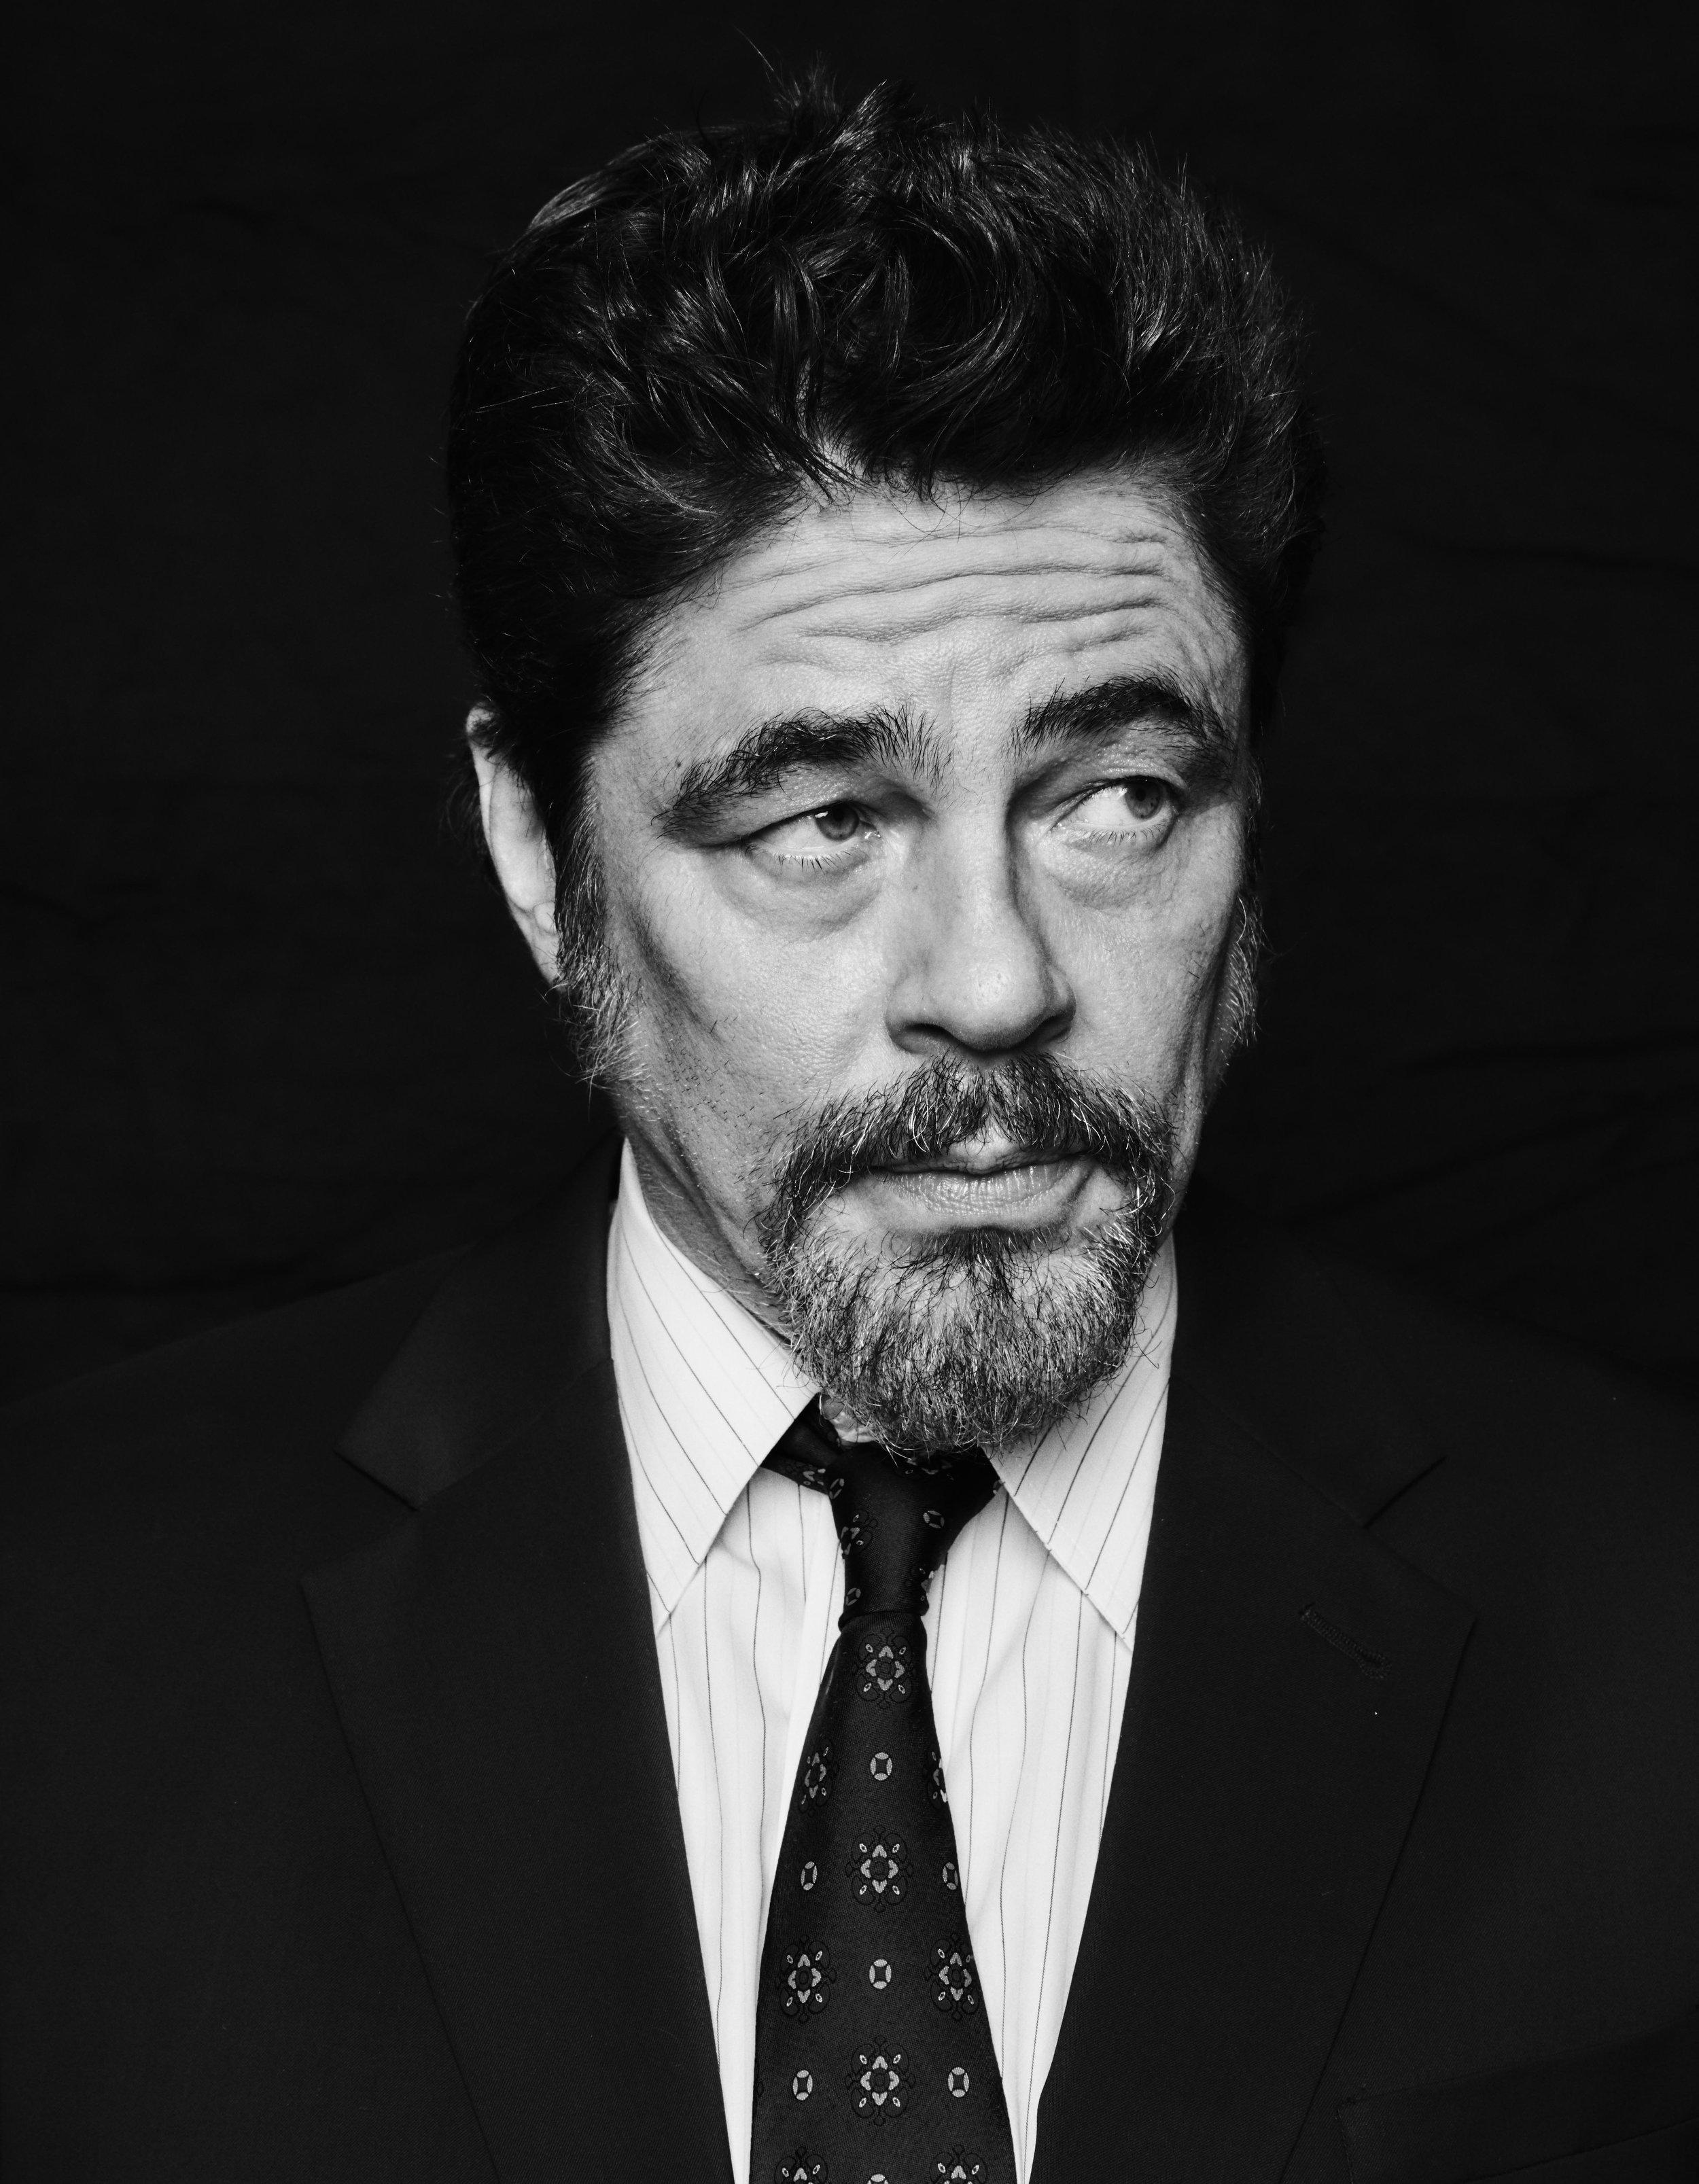 042719_Variety_AoA_Emmys_BenicioDelToro_014.jpg